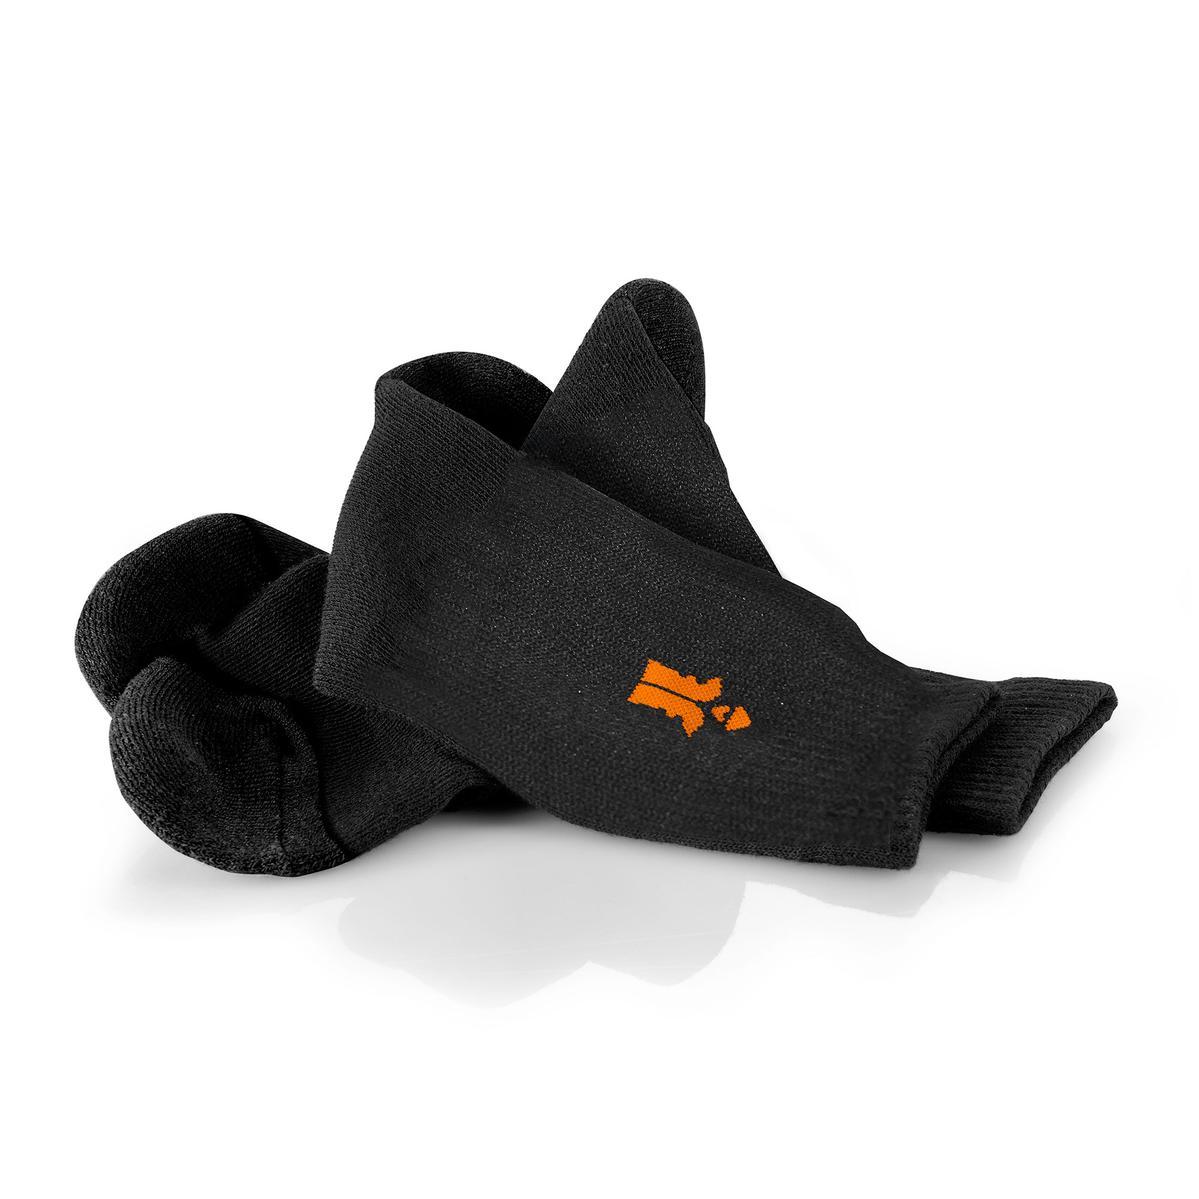 Ultimate Thermal Socks